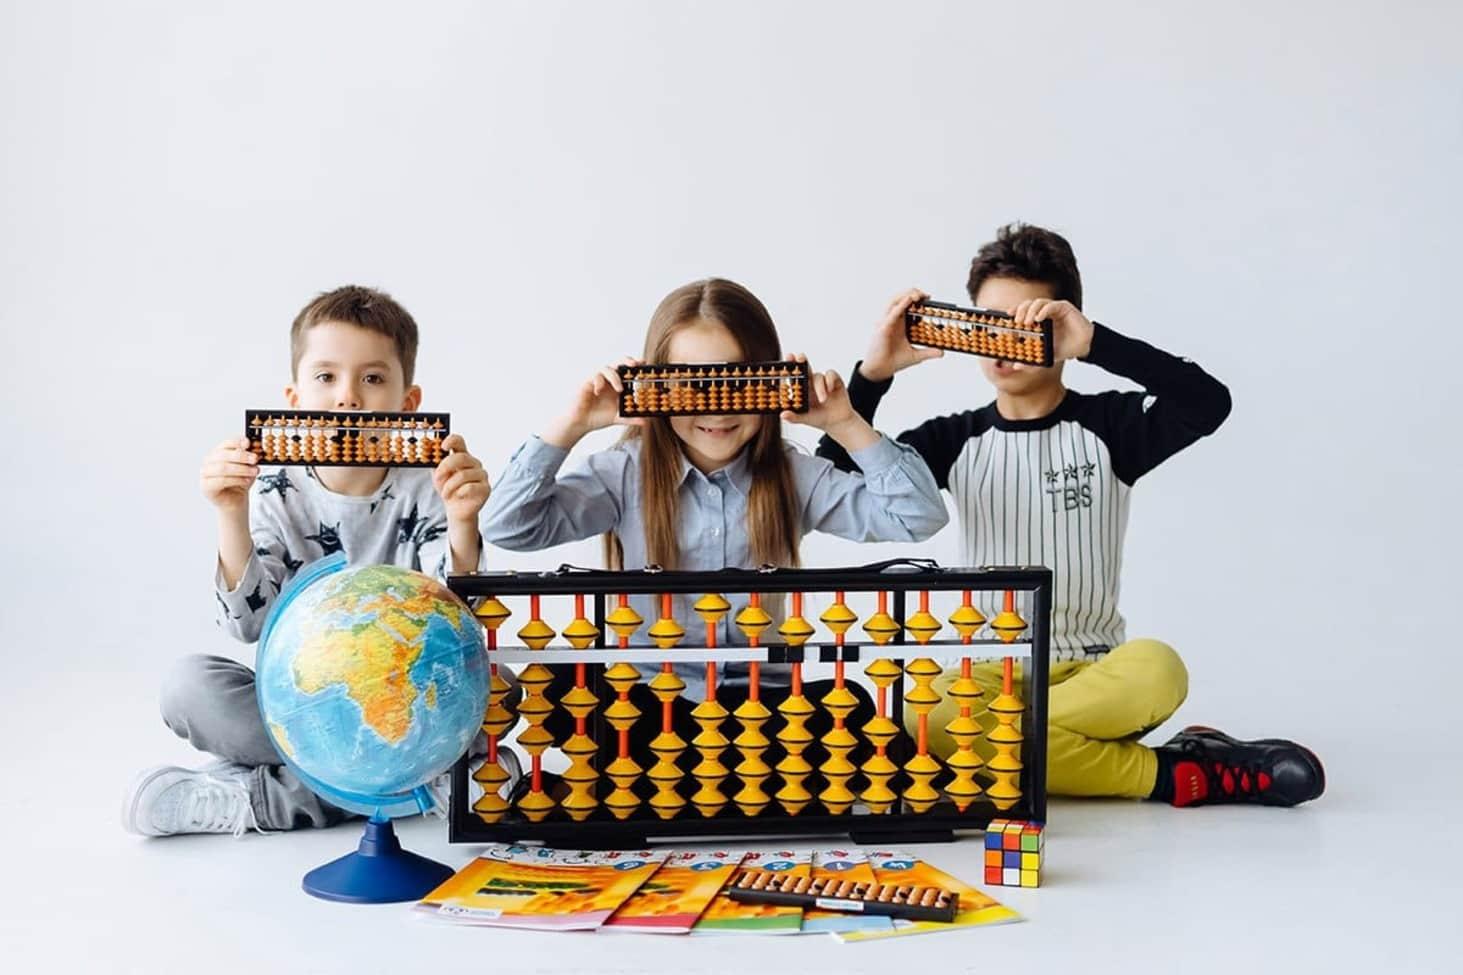 kak-mentalnaya-matematika-mozhet-prigoditsya-rebenku-shkolnogo-vozrasta